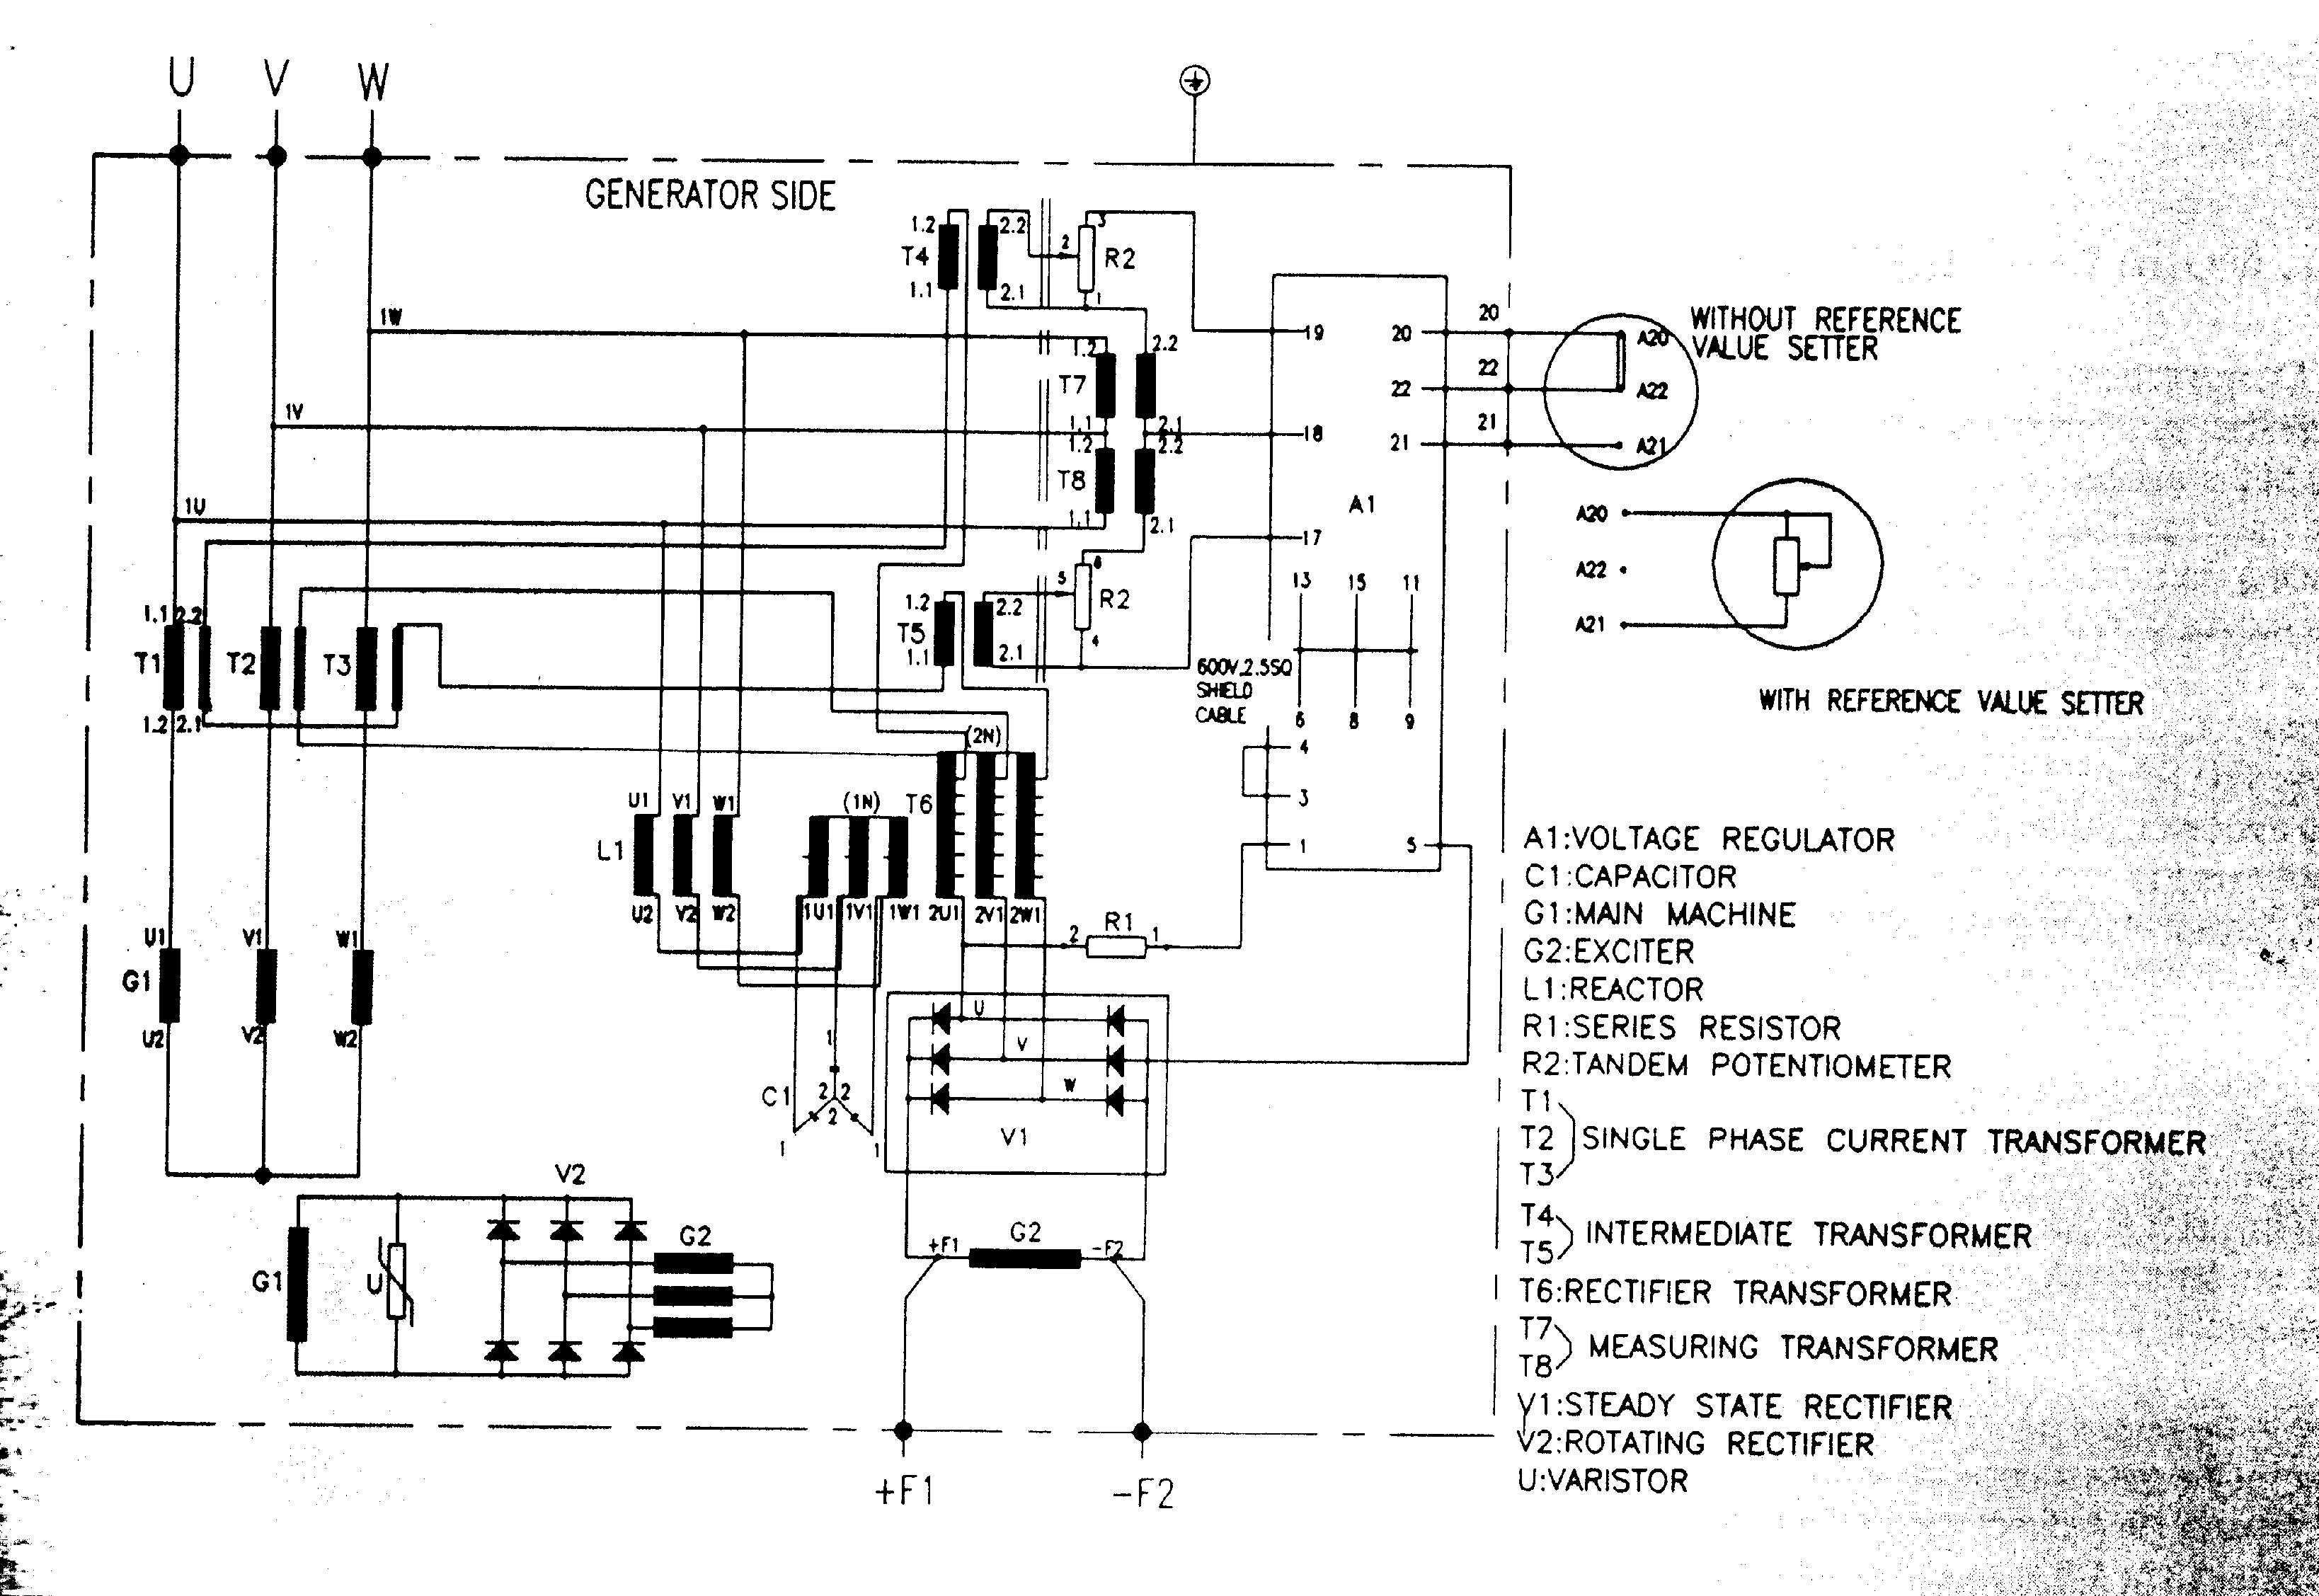 Основные элементы системы возбуждения генераторов